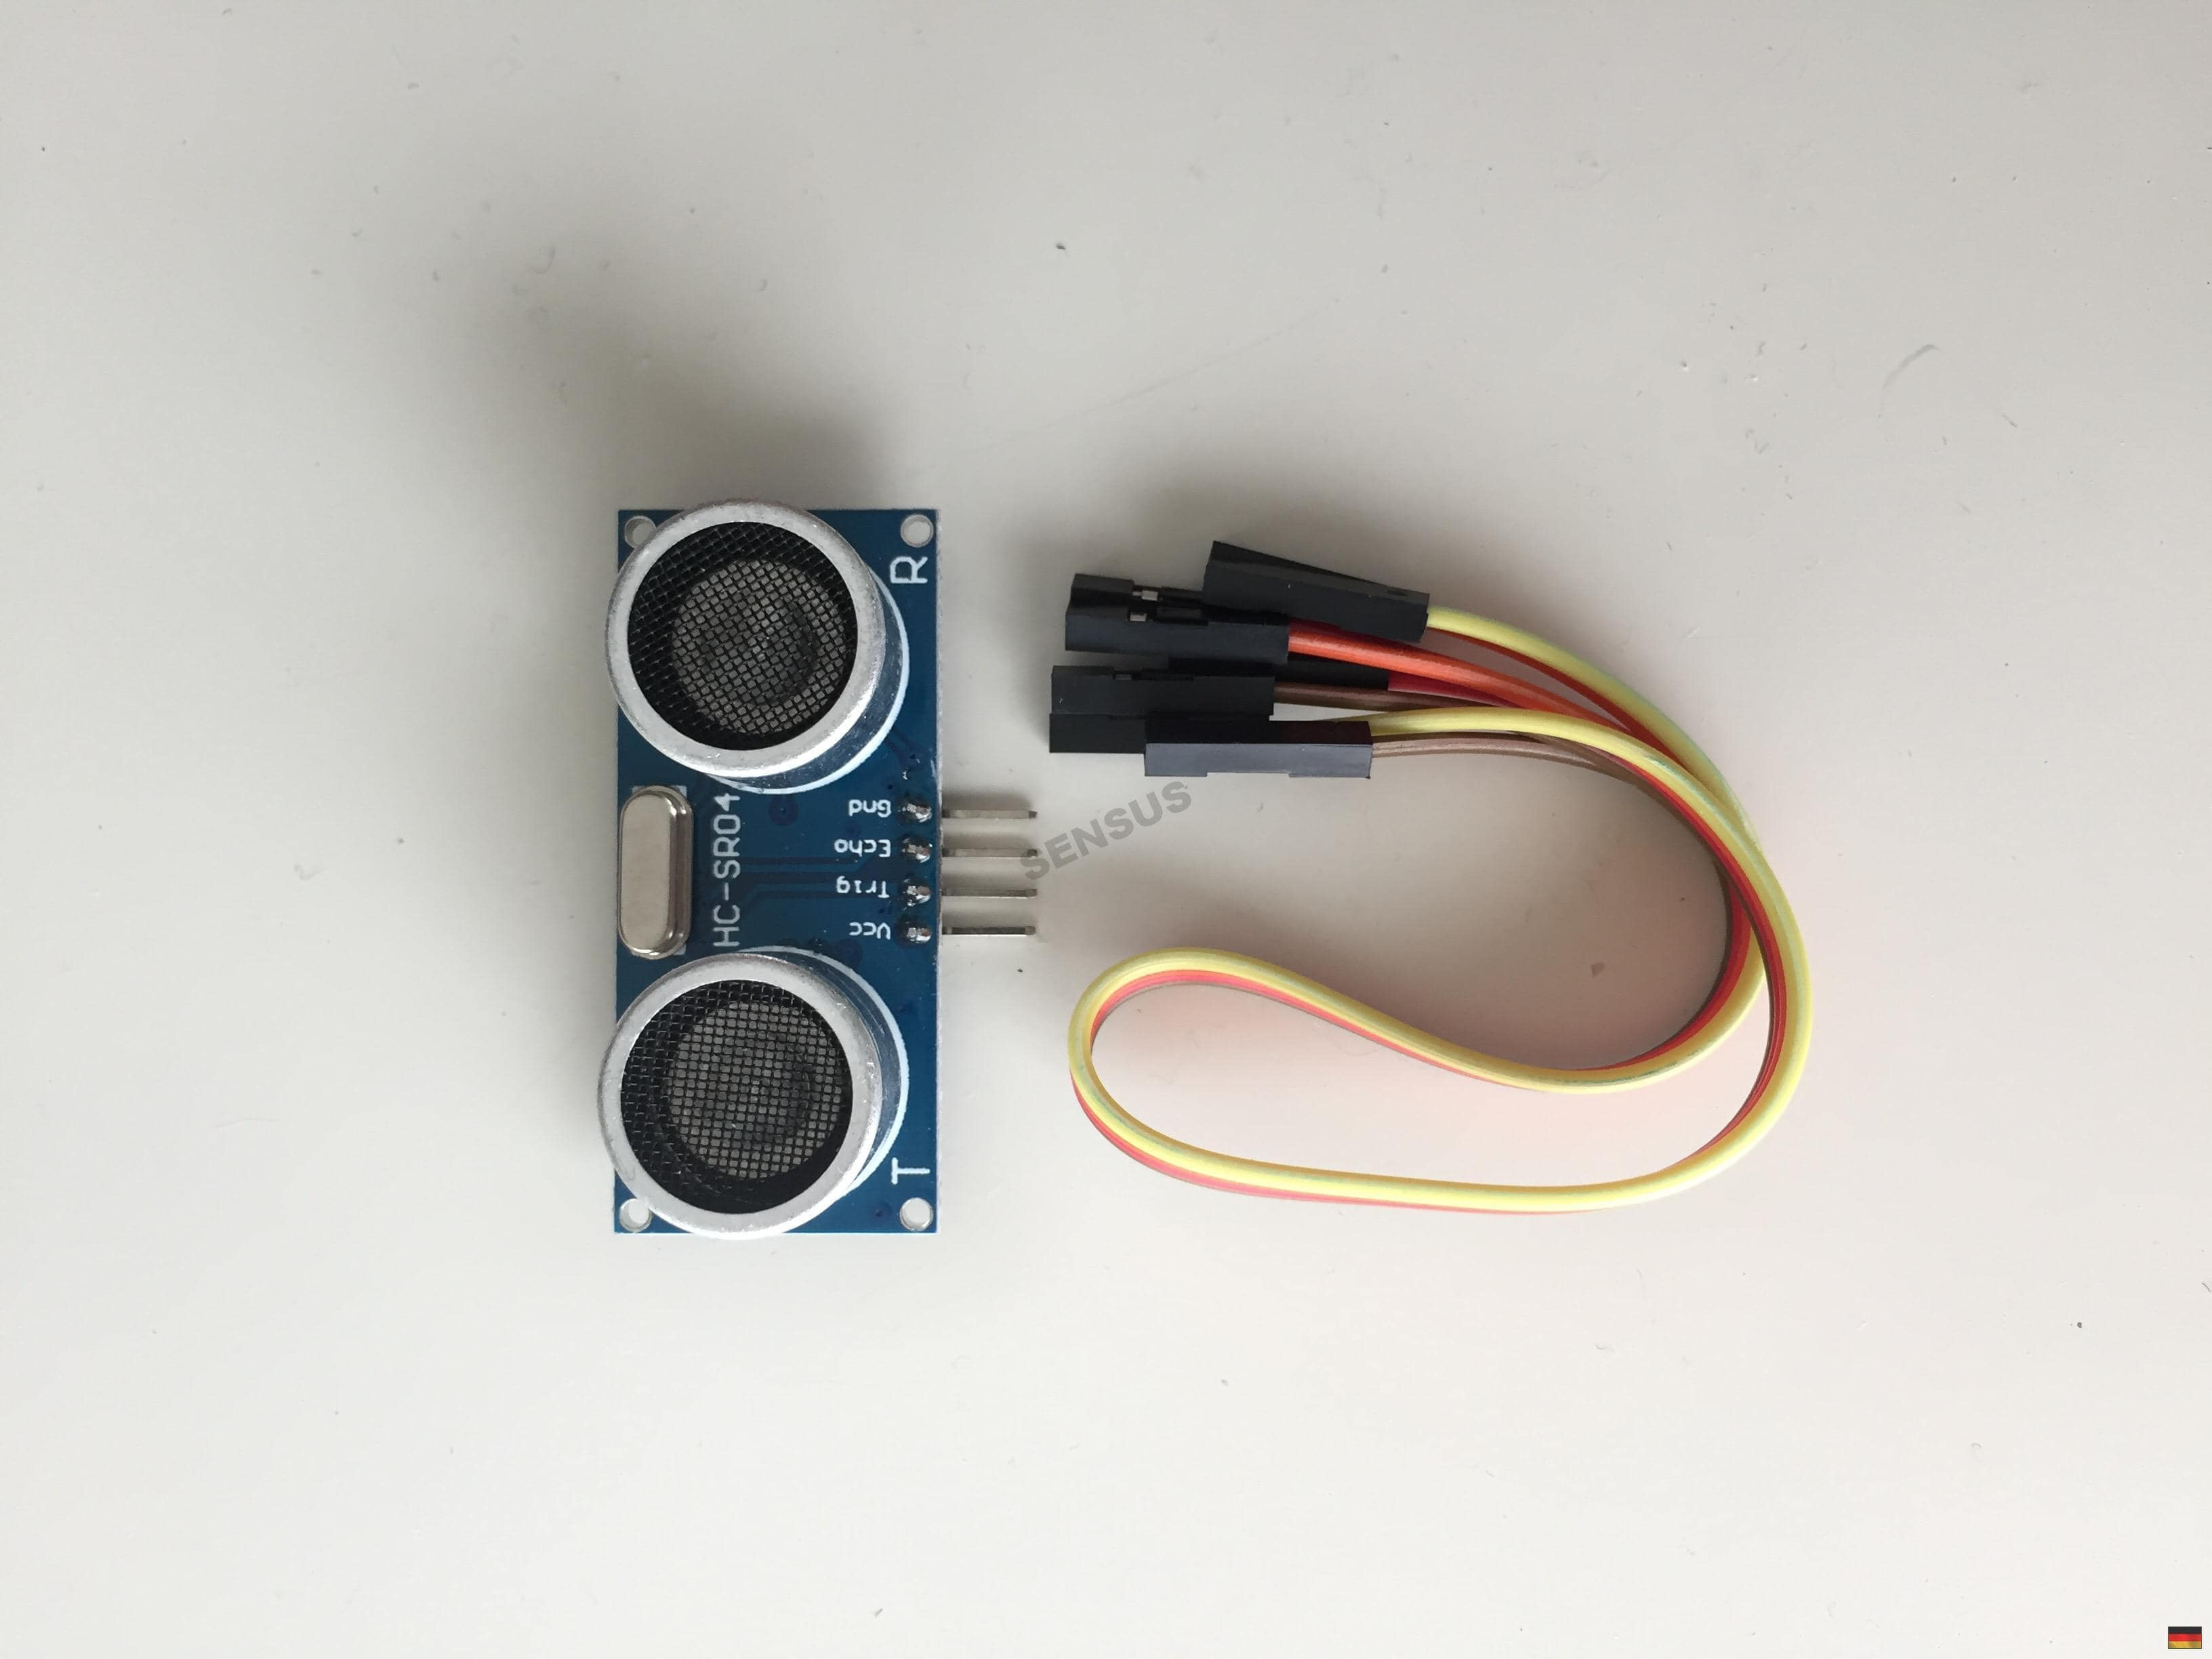 Hc sr04 ultraschall sensor set kit entfernungsmesser abstandsmesser